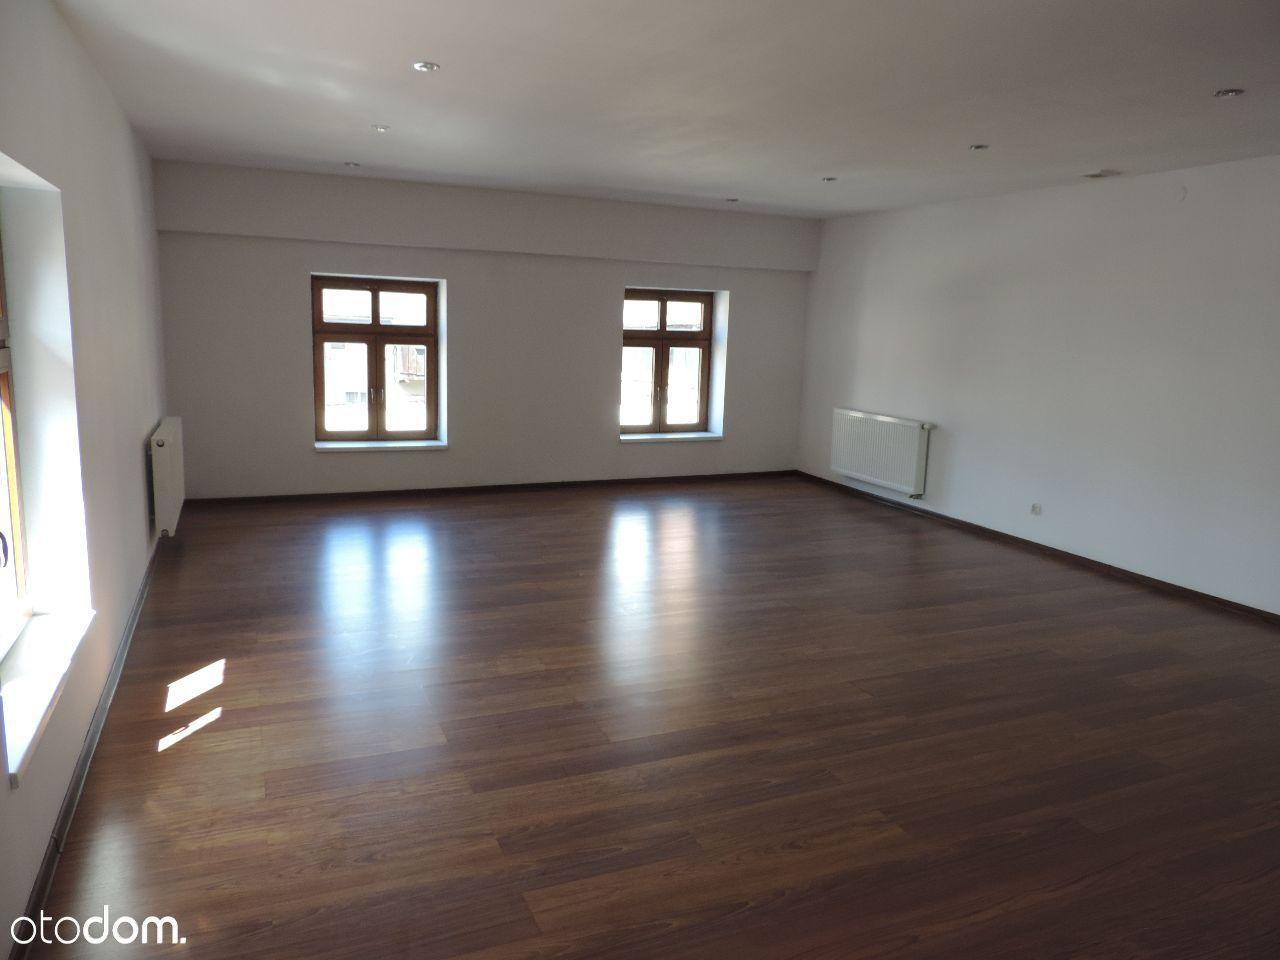 Świecie/centrum/nowa kamienica/98m2/2 piętro